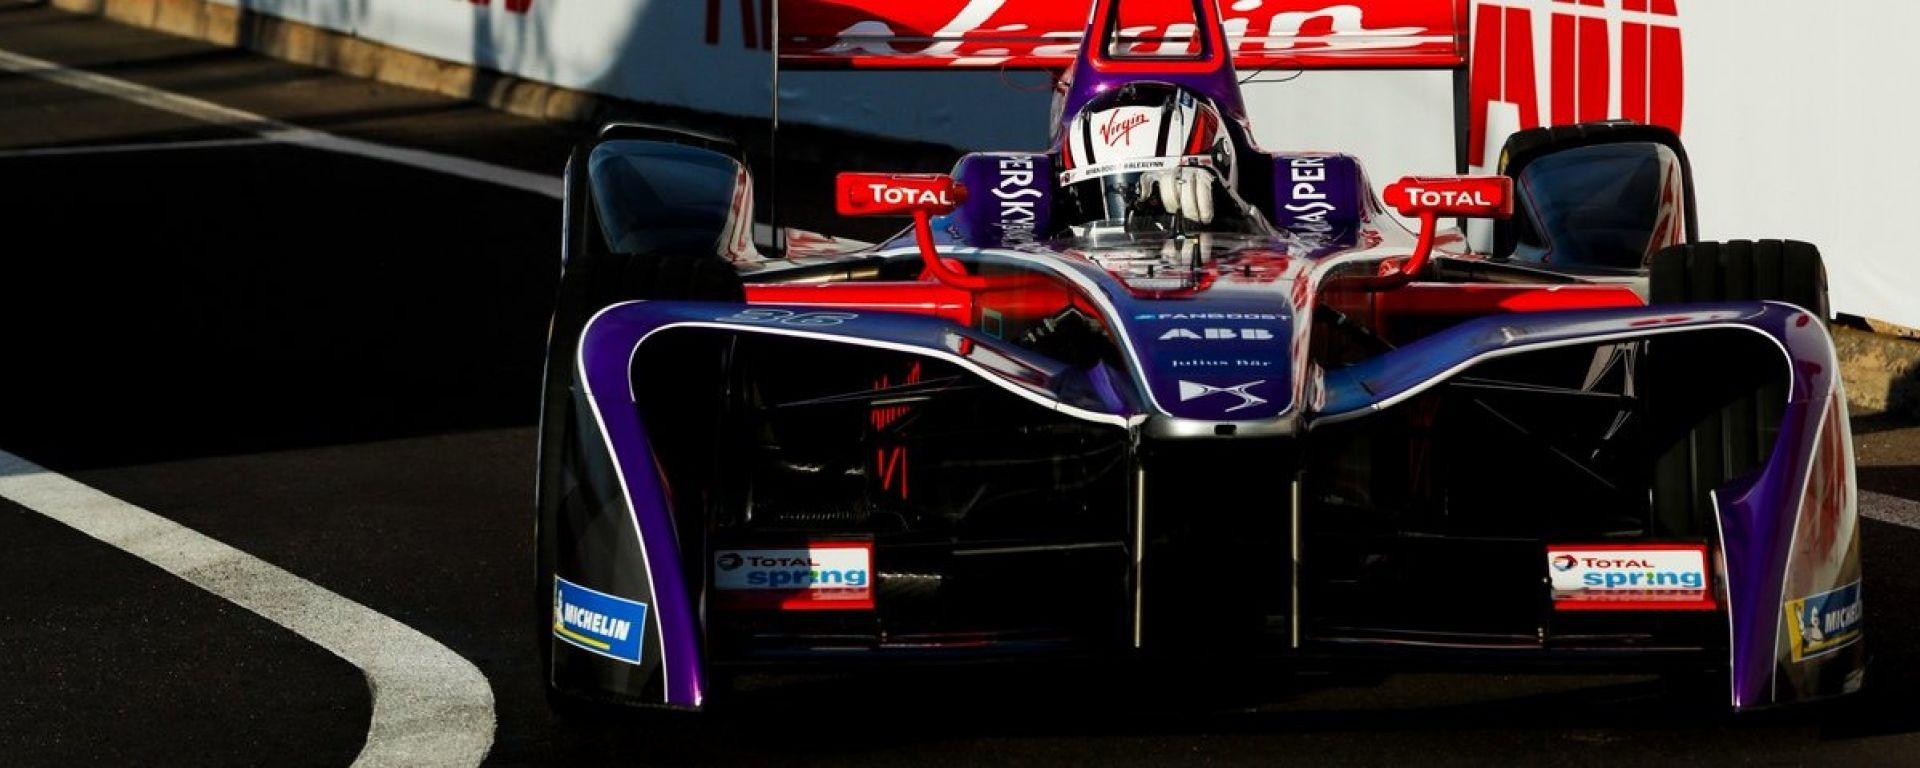 Fia Formula E 2018 - Gran Premio di Marrakesh